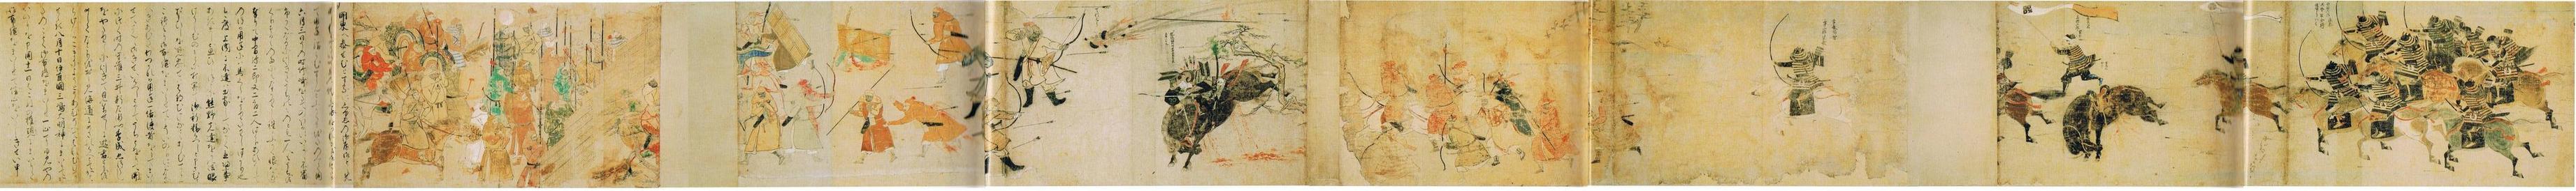 モンゴル 鎧 元寇 死体 盾に関連した画像-03